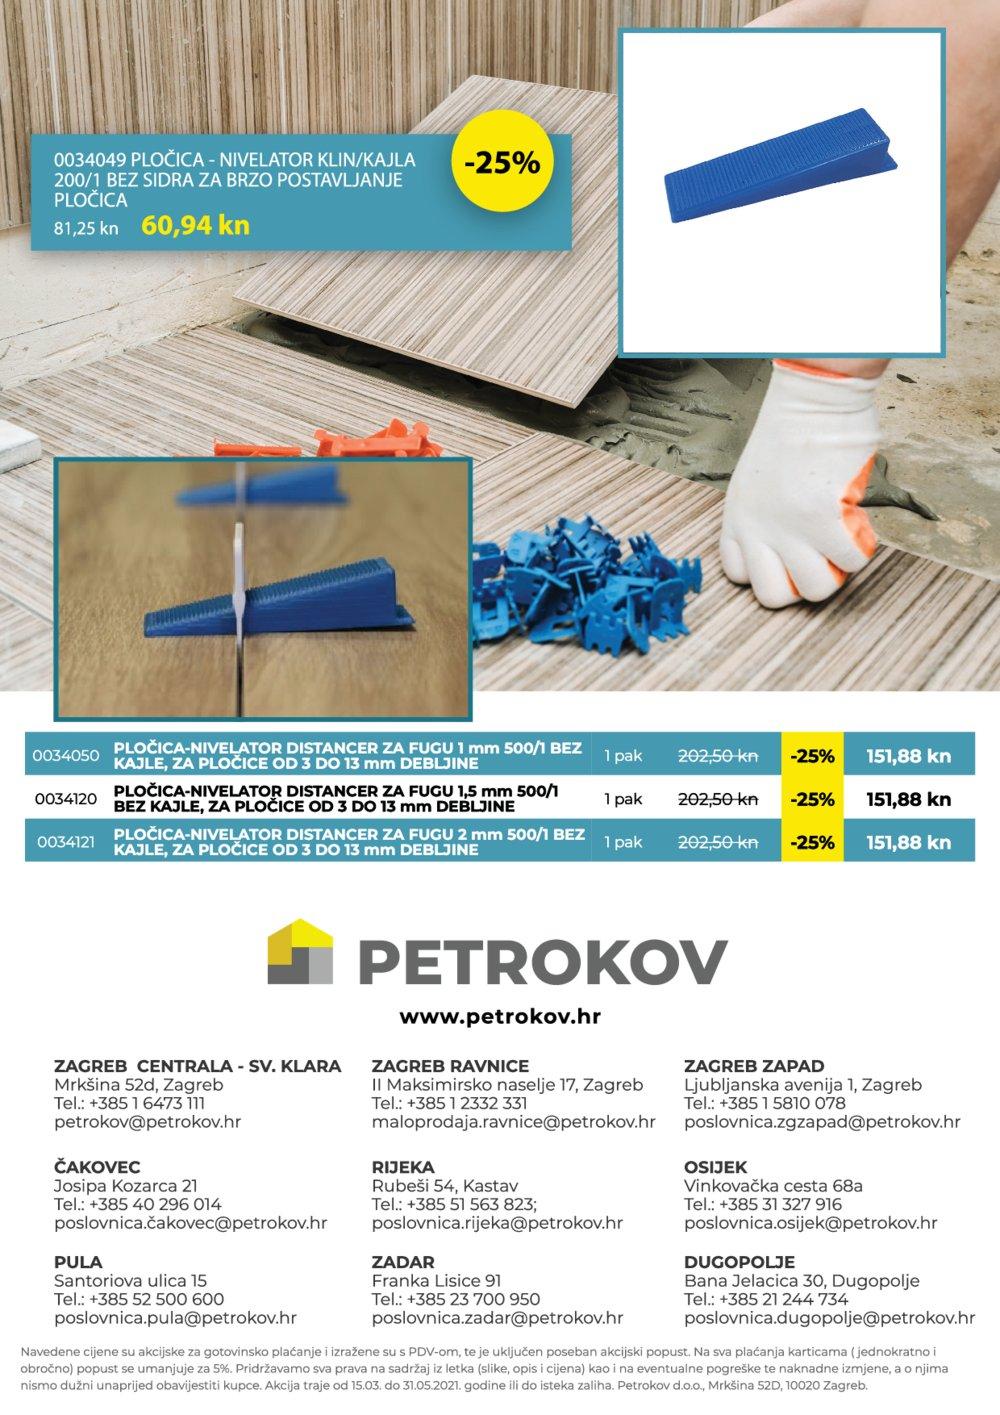 Petrokov Katalog Akcija 01.03.-31.05.2021.